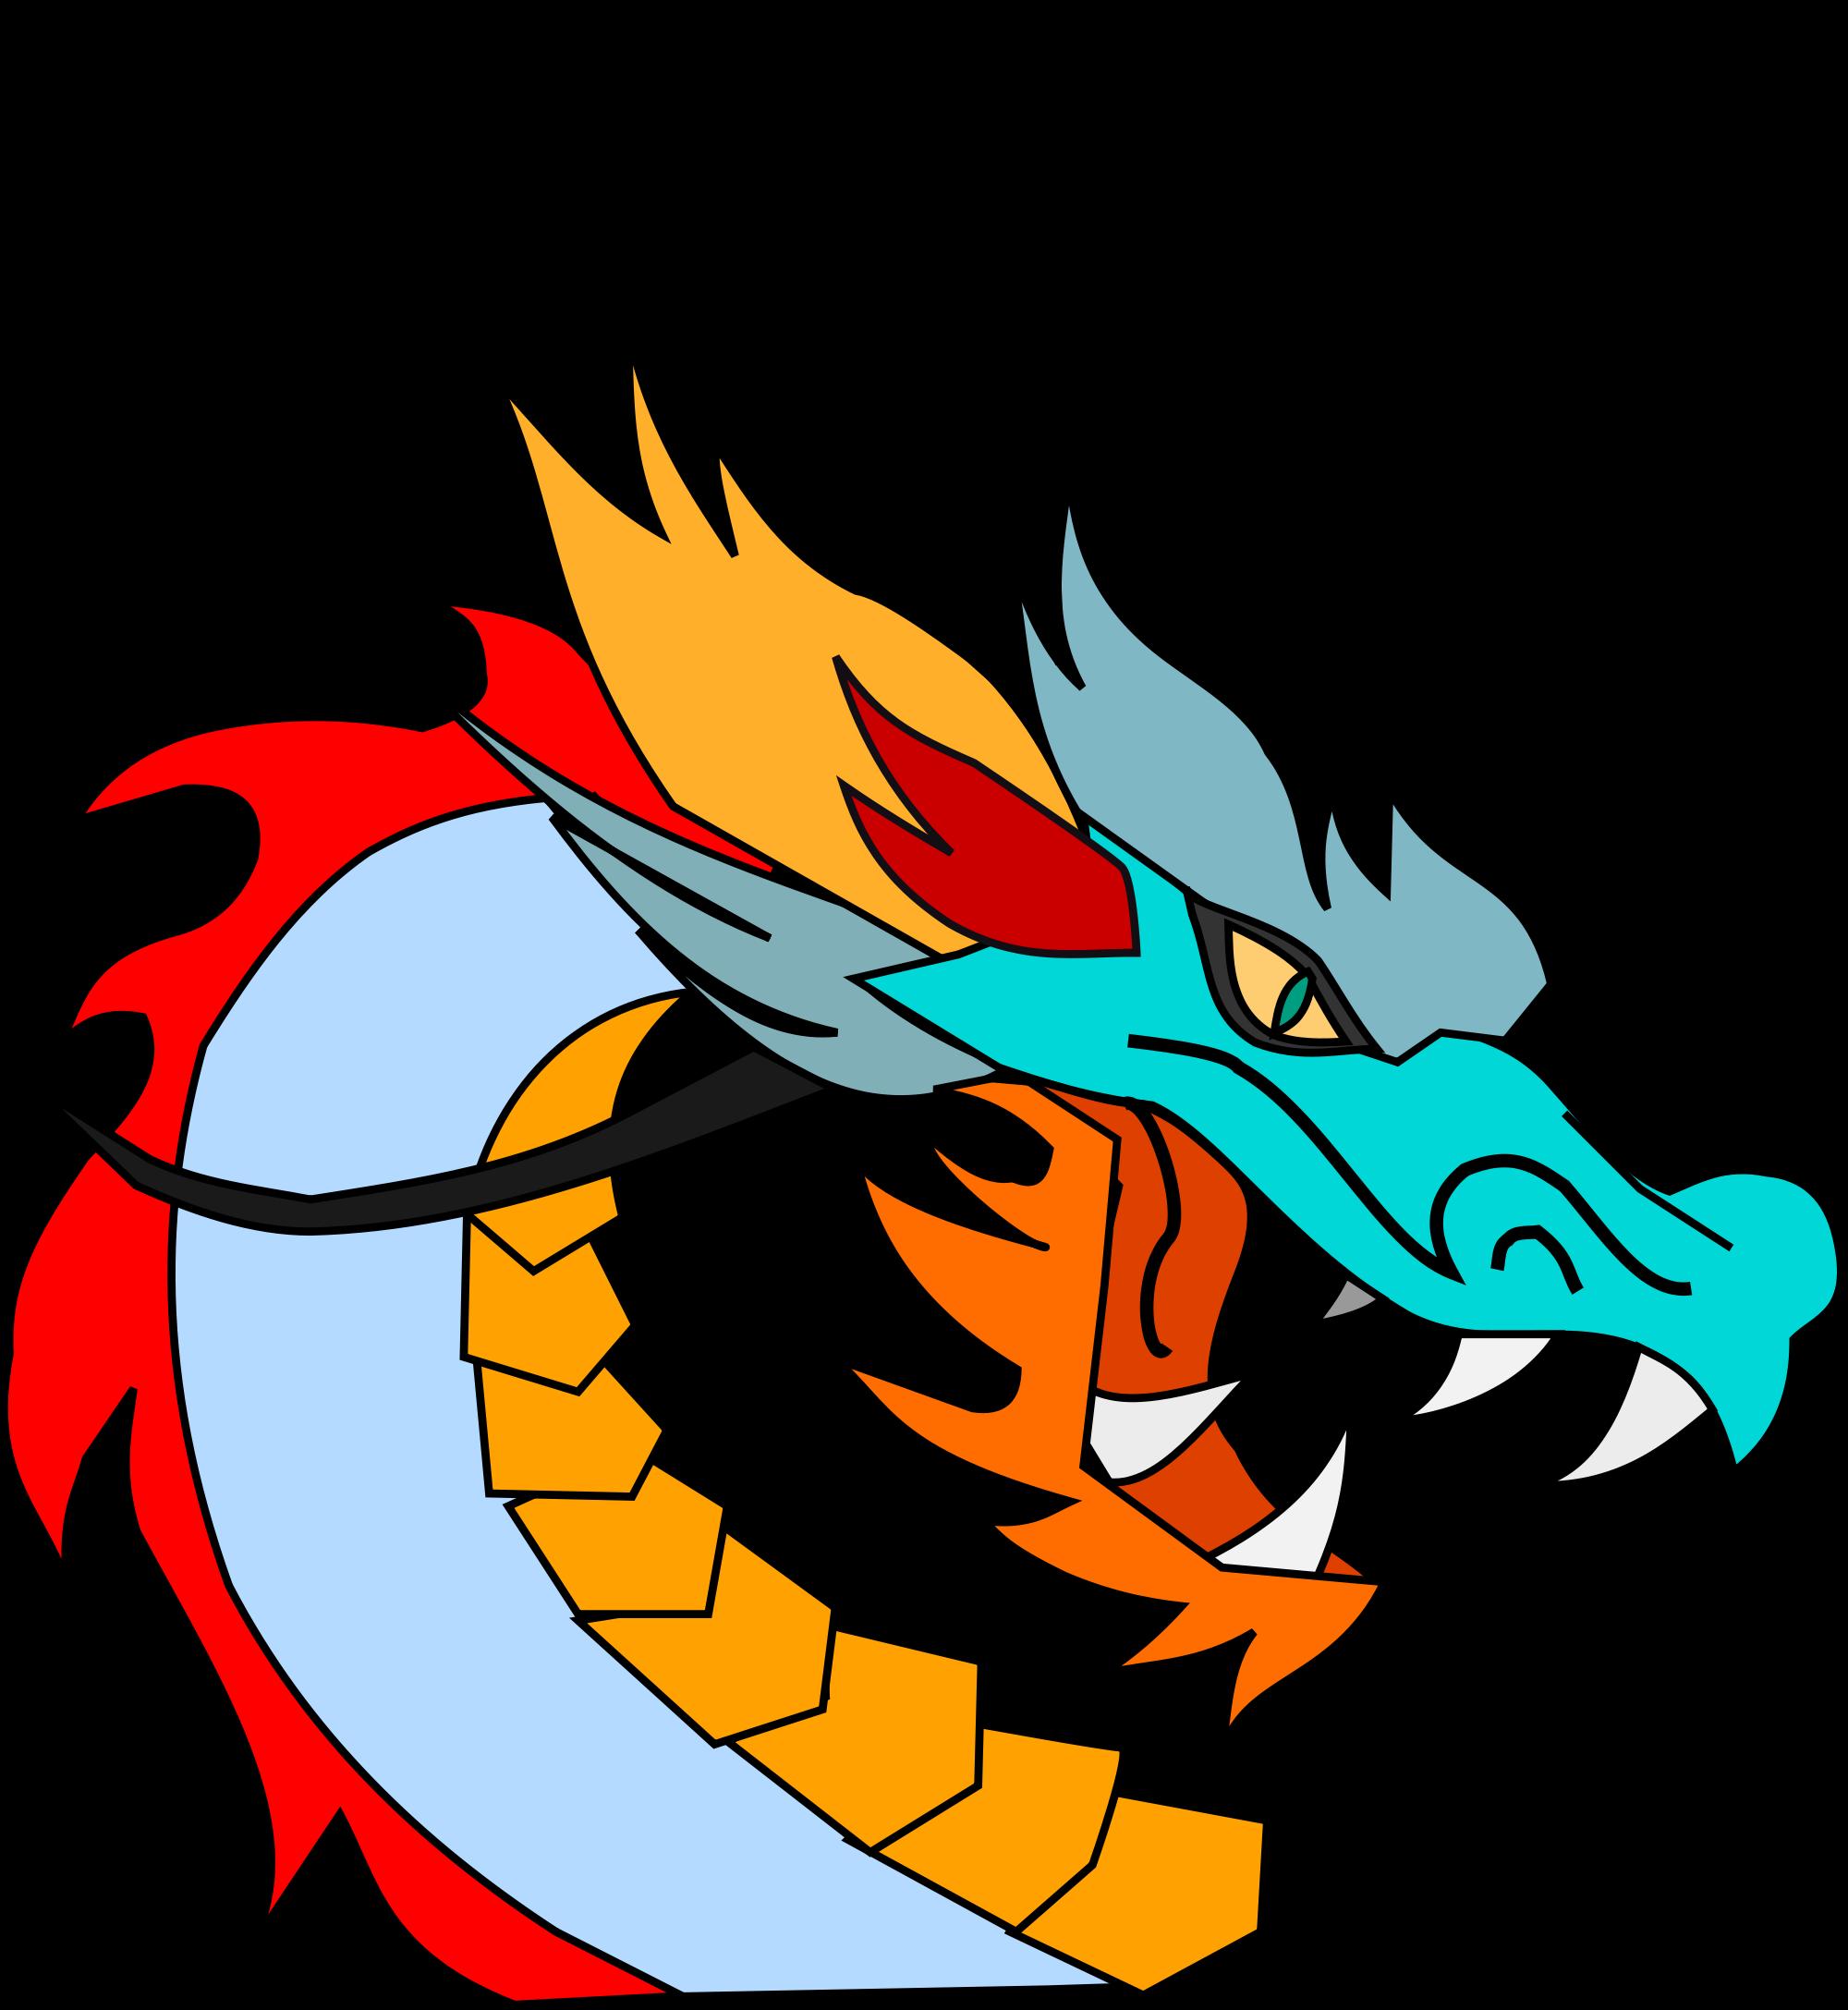 Dragon clipart orange. File clip art svg